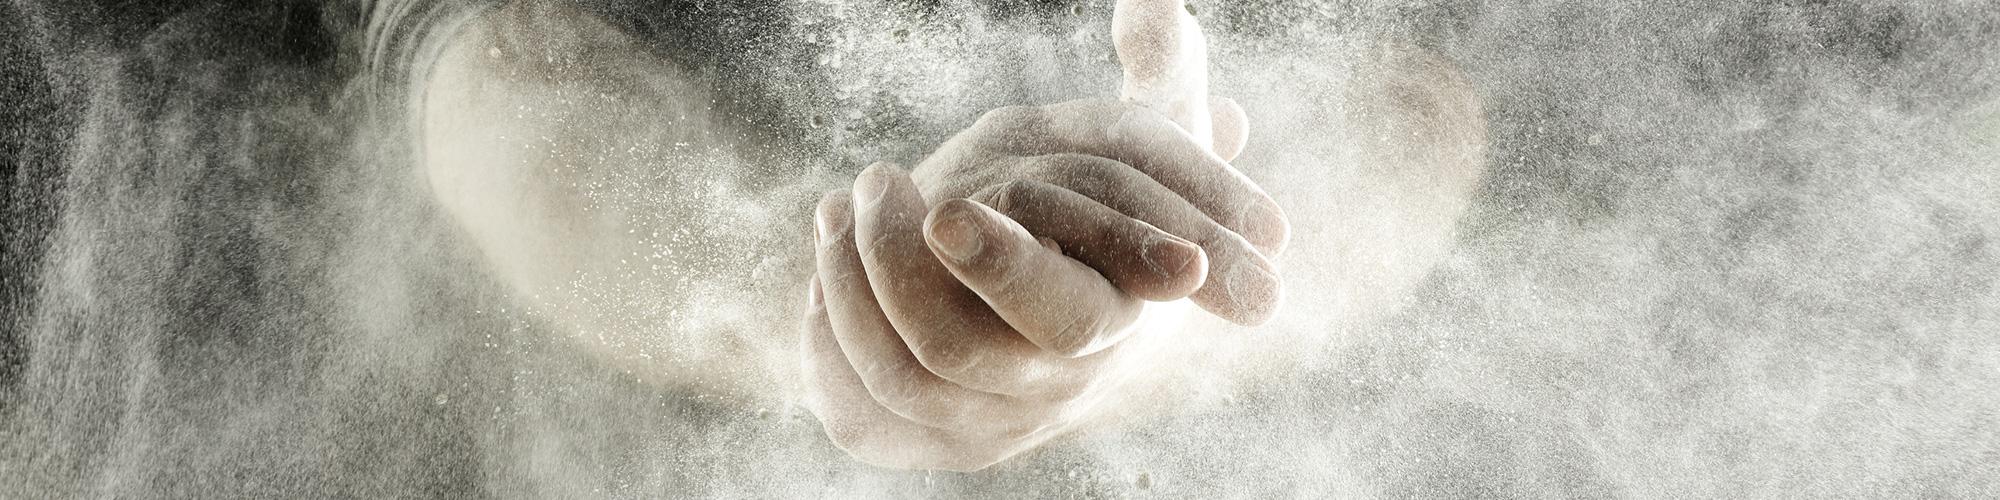 Projekte sind greifbar: Mehlige Hände